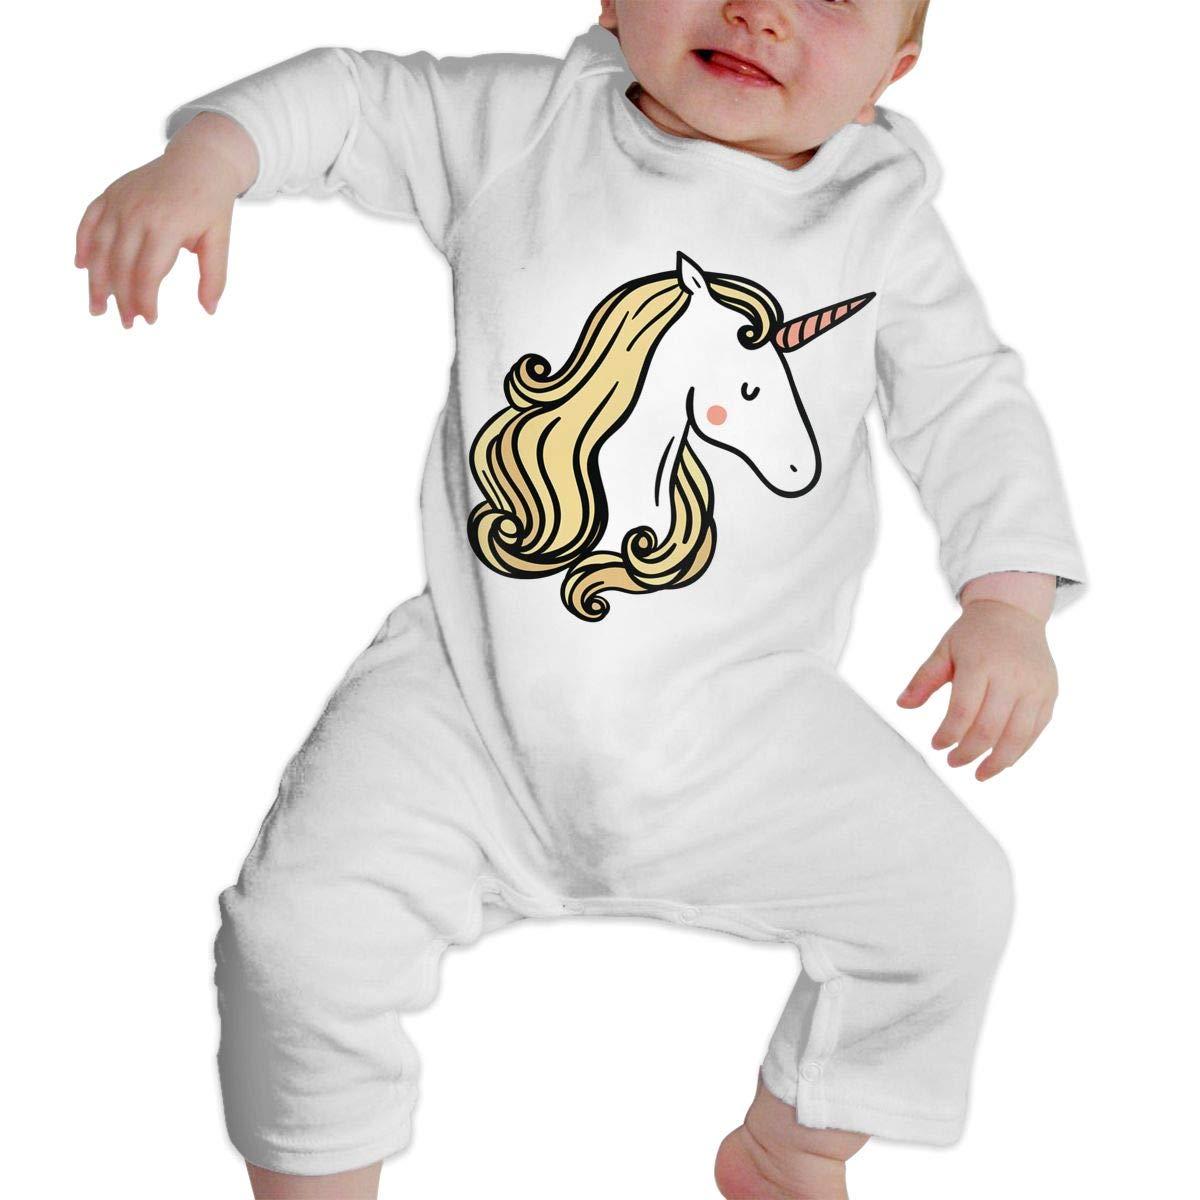 KAYERDELLE Girl Unicorn Long-Sleeve Unisex Baby Bodysuits for 6-24 Months Boys /& Girls